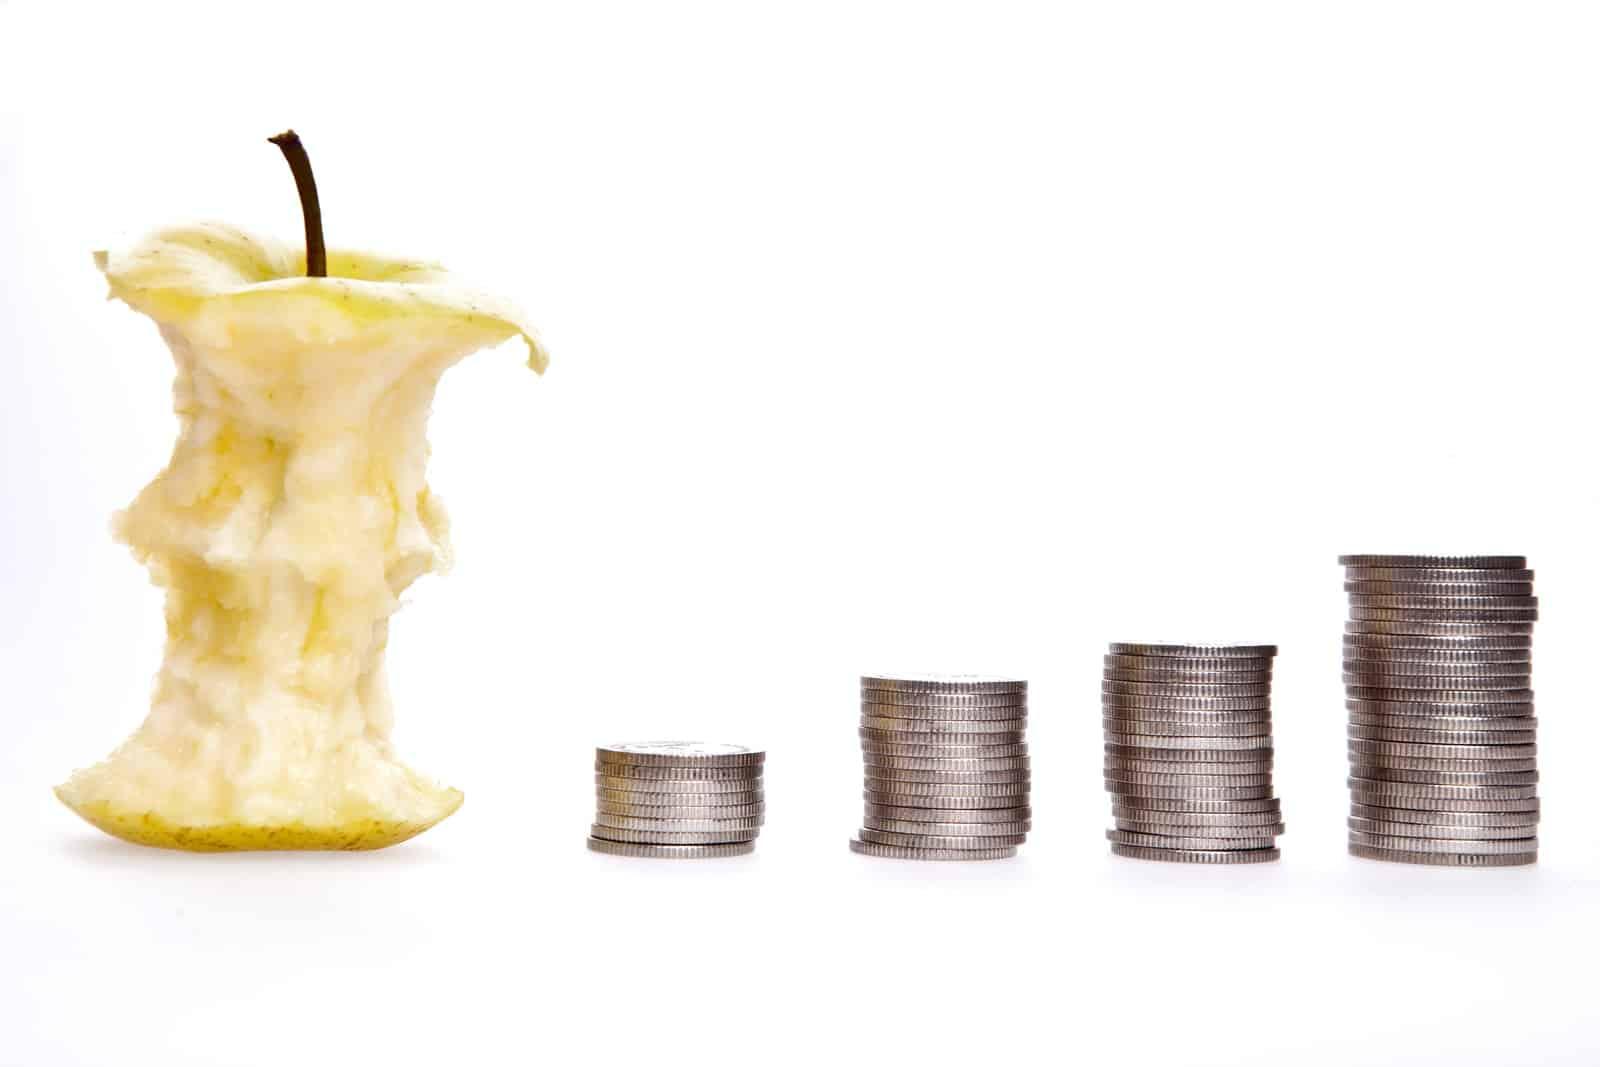 個人信用不良能夠順利申請10萬以下小額信貸嗎?用機車貸款適合您!